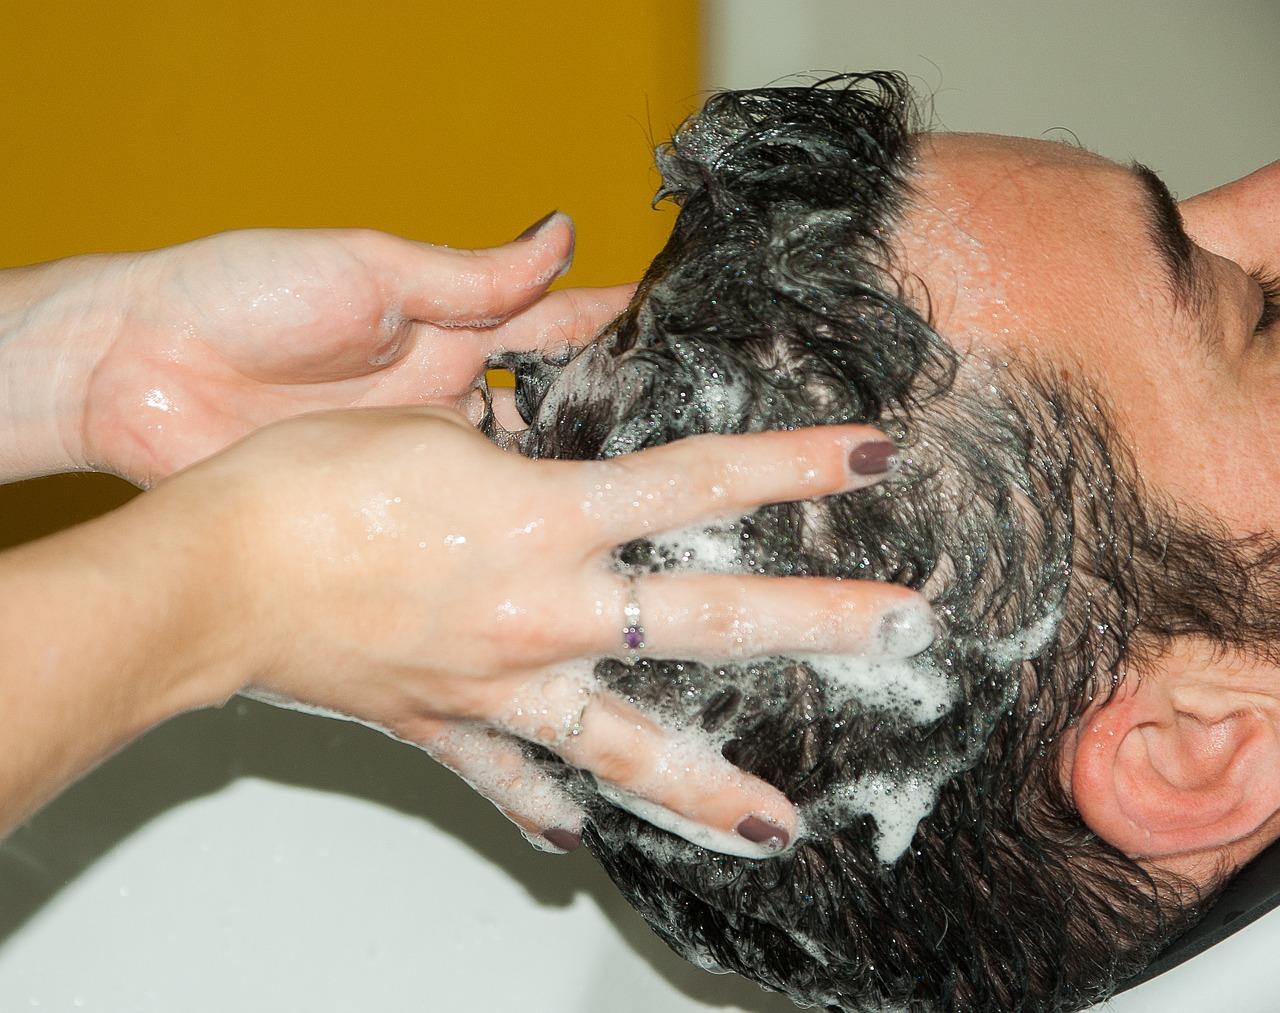 vörös foltok jelentek meg a fejbőr fotóján